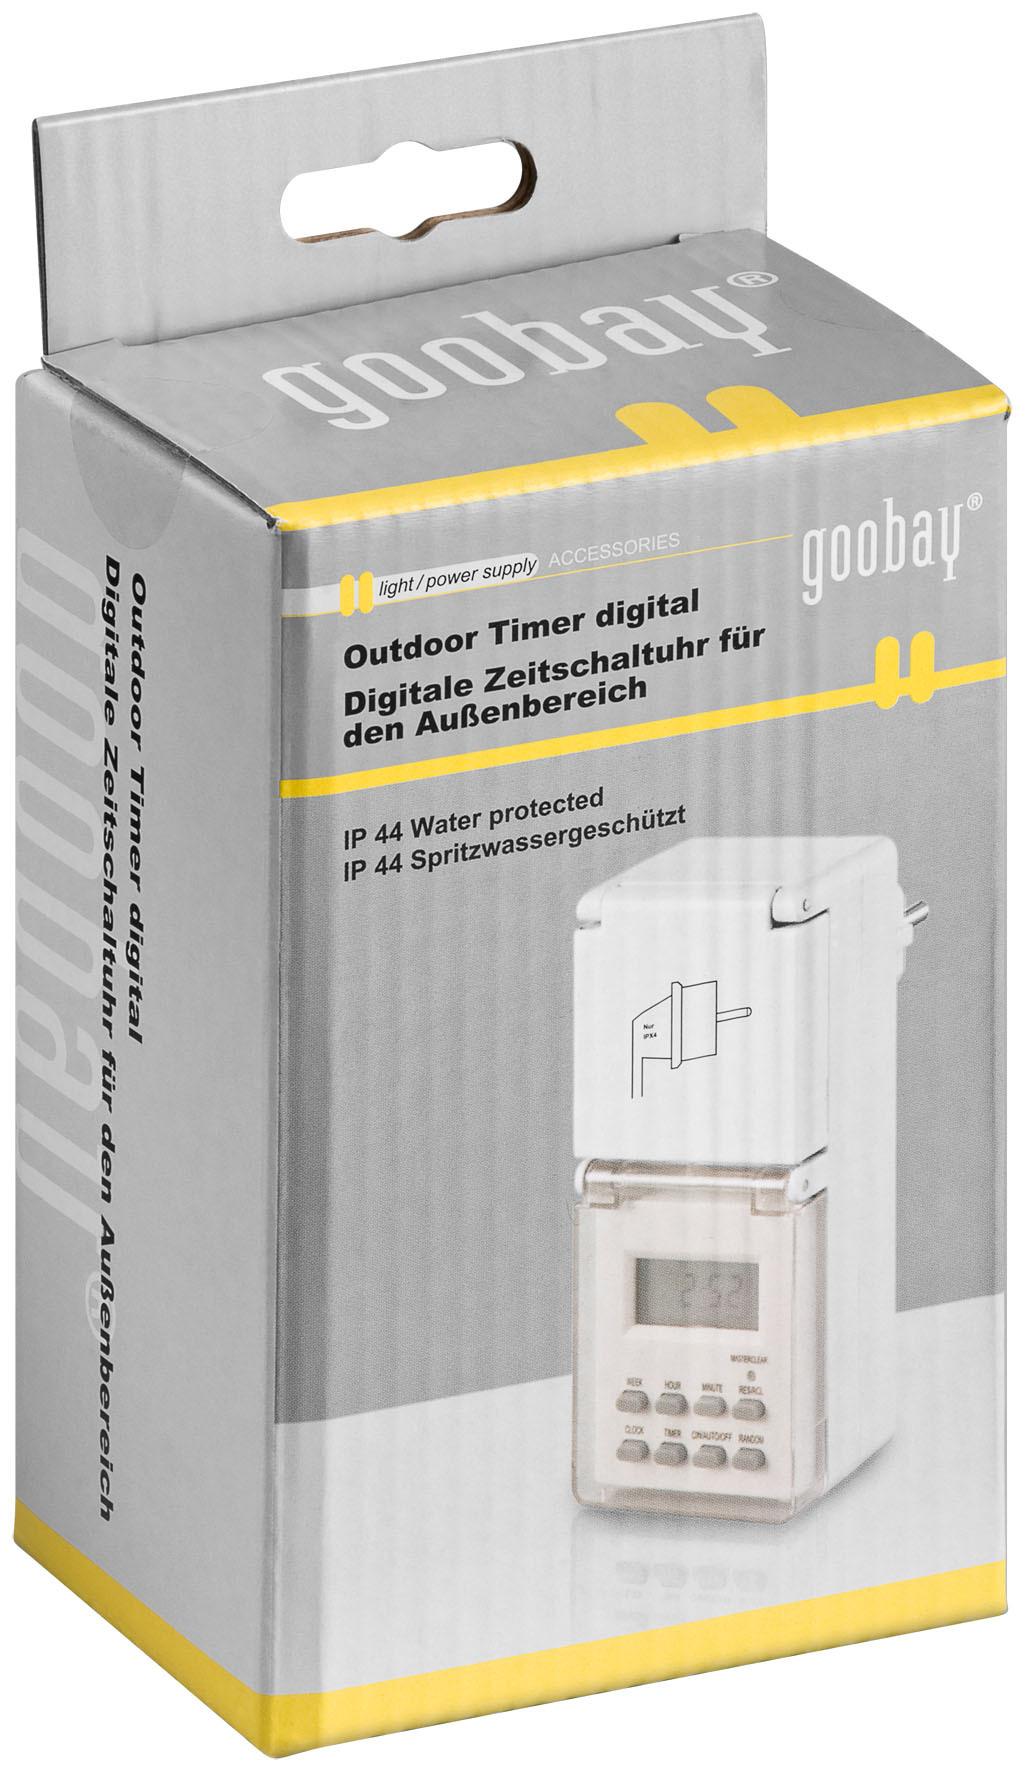 digitale tages und wochen zeitschaltuhr nk zsu 3. Black Bedroom Furniture Sets. Home Design Ideas